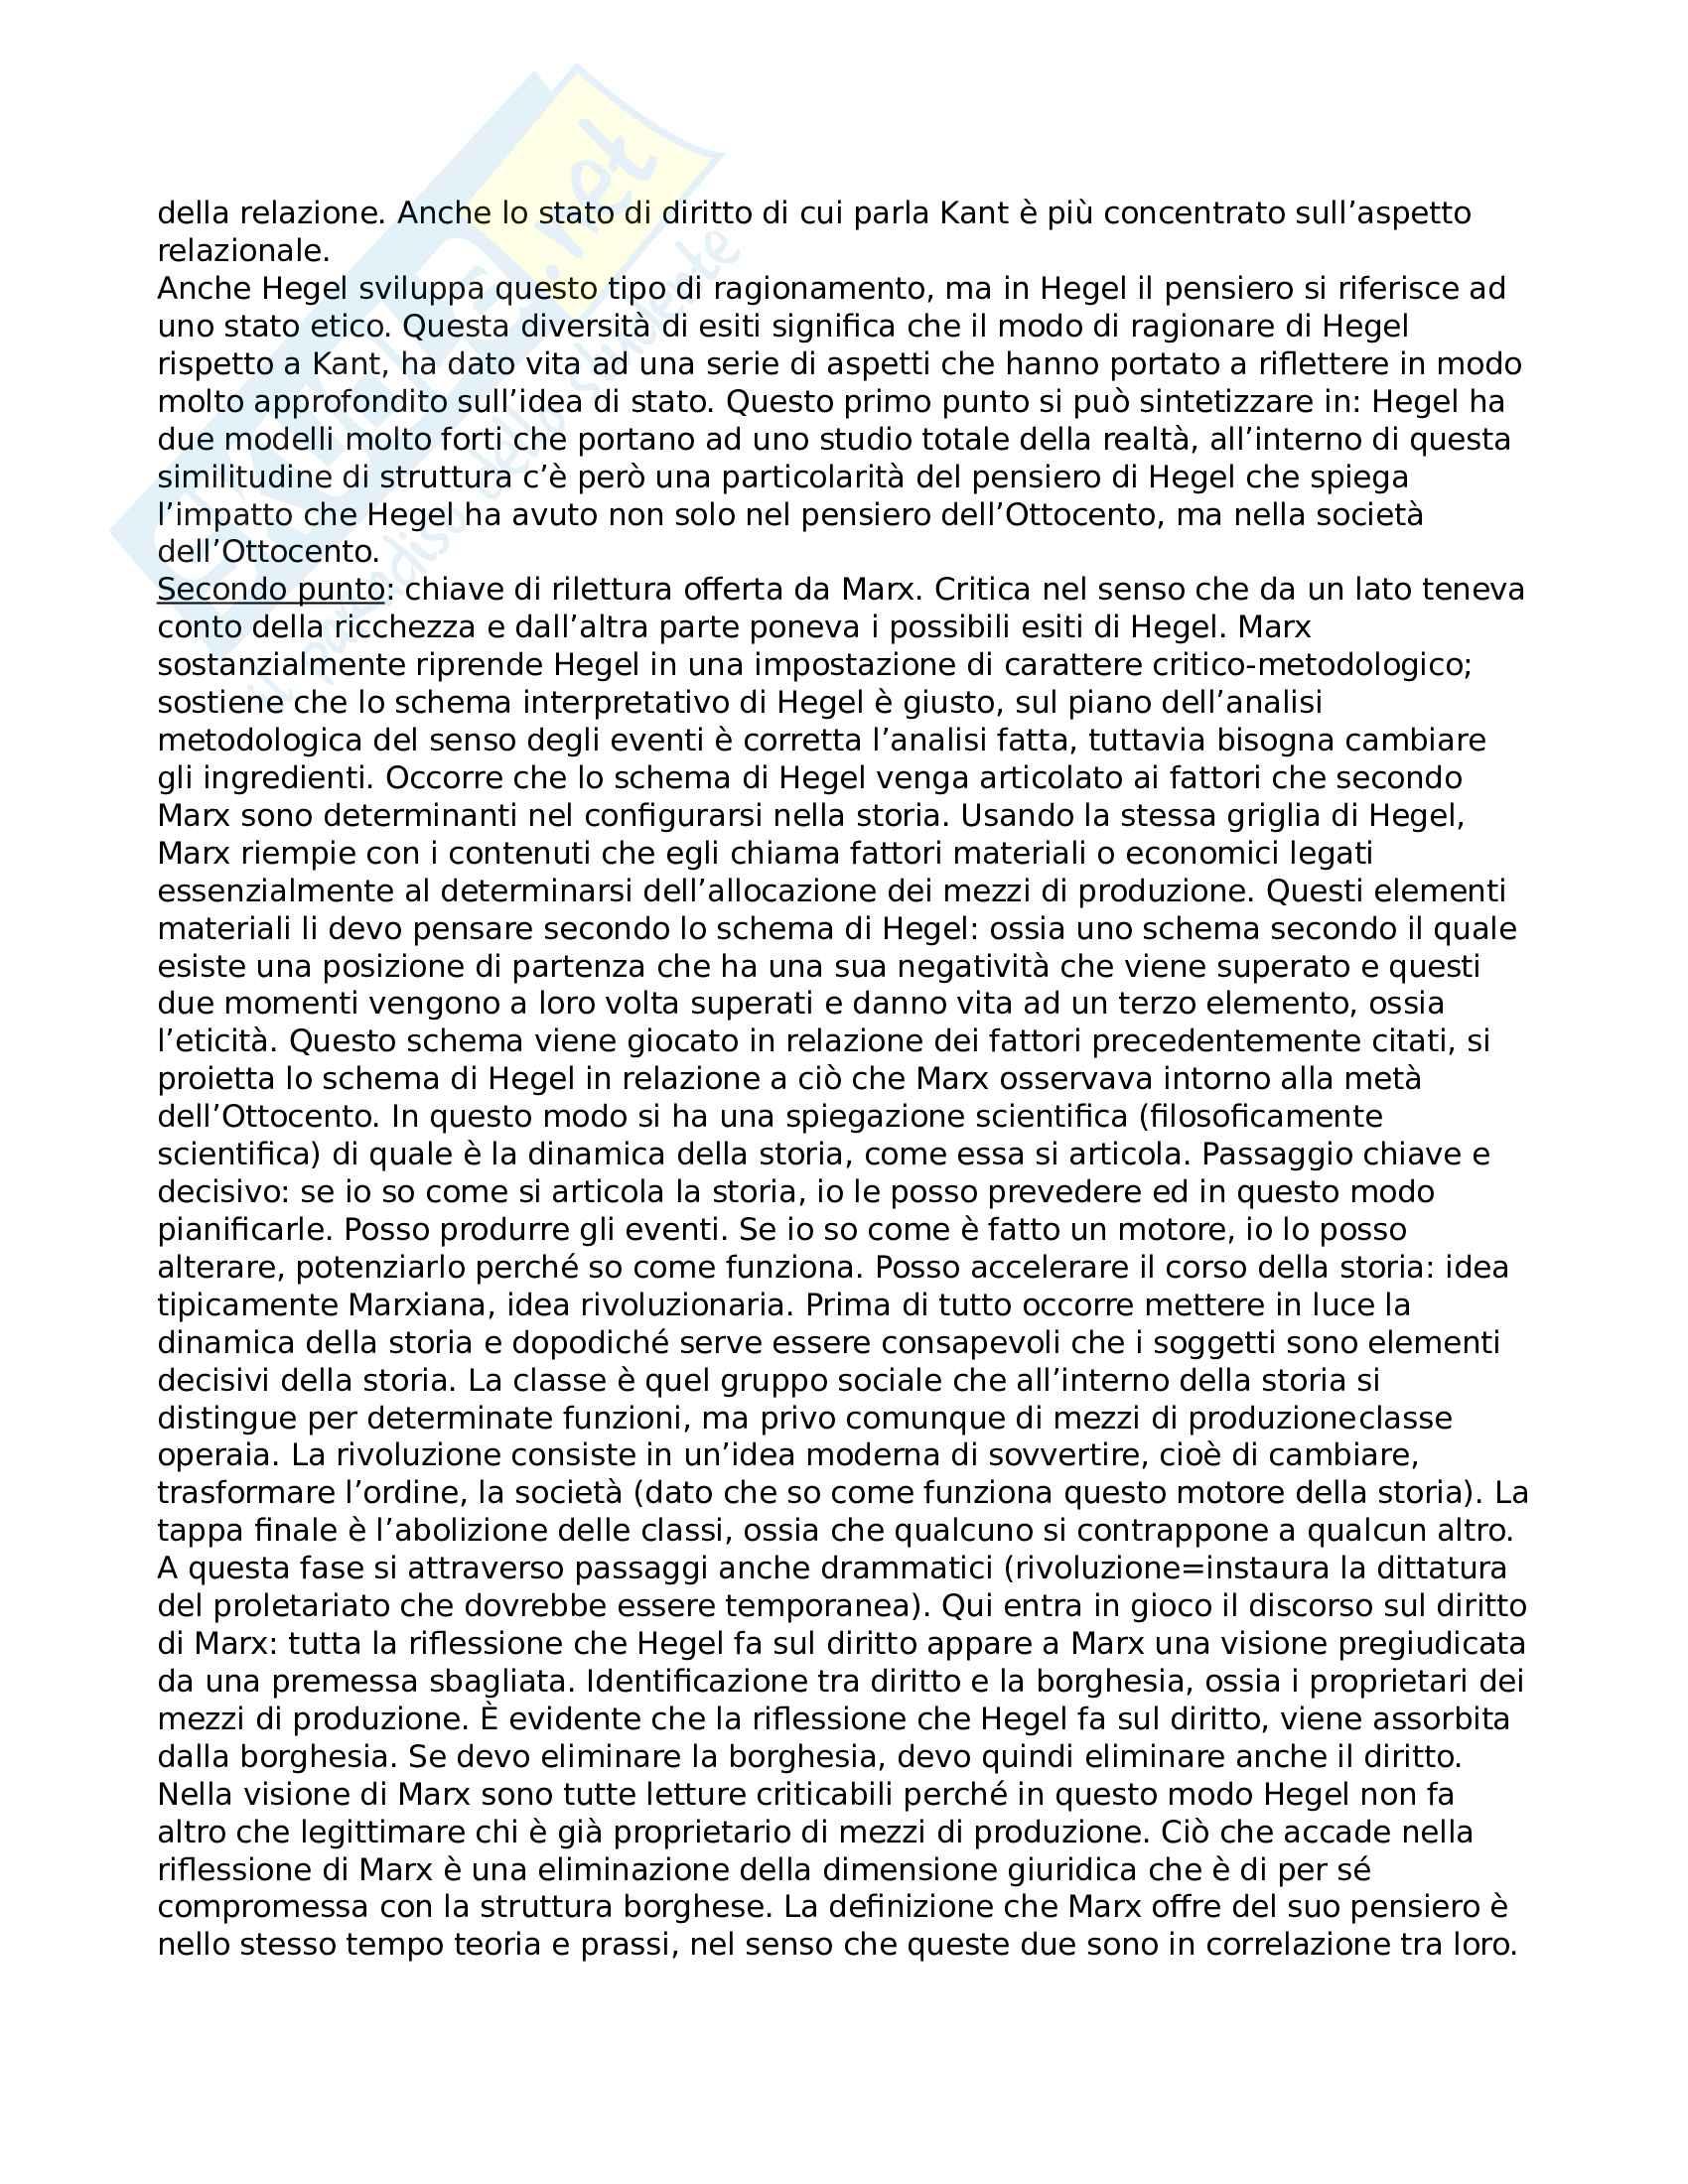 Riassunto esame filosofia del diritto, prof. Bombelli Pag. 21